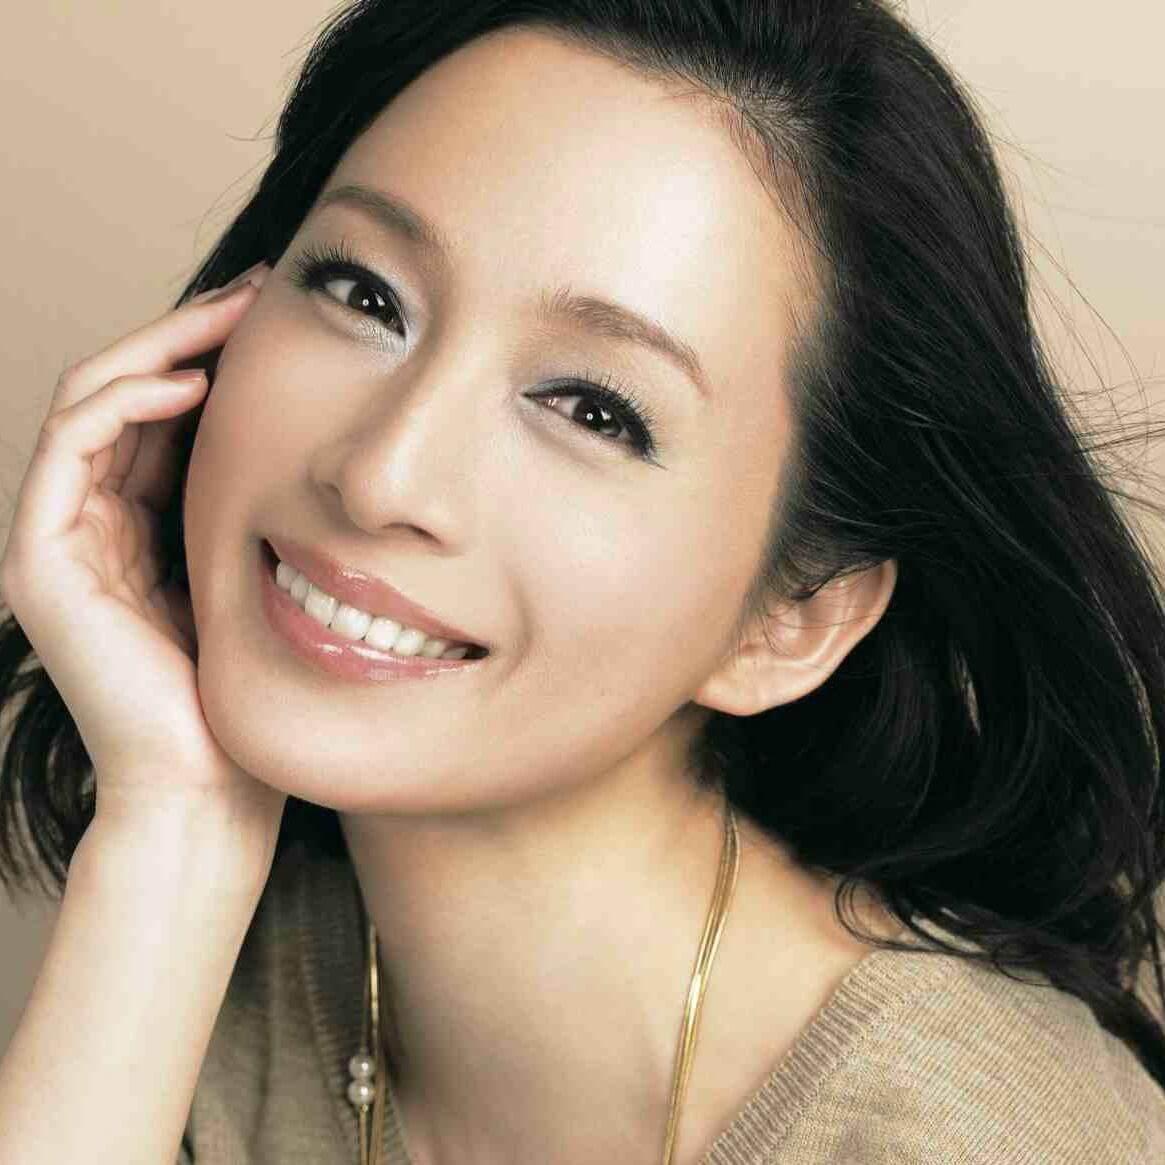 竹中友紀子が徳井義実(チュート)が会いたかった美女!彼氏は誰?結婚歴は?【人生が変わる1分間の深イイ話】